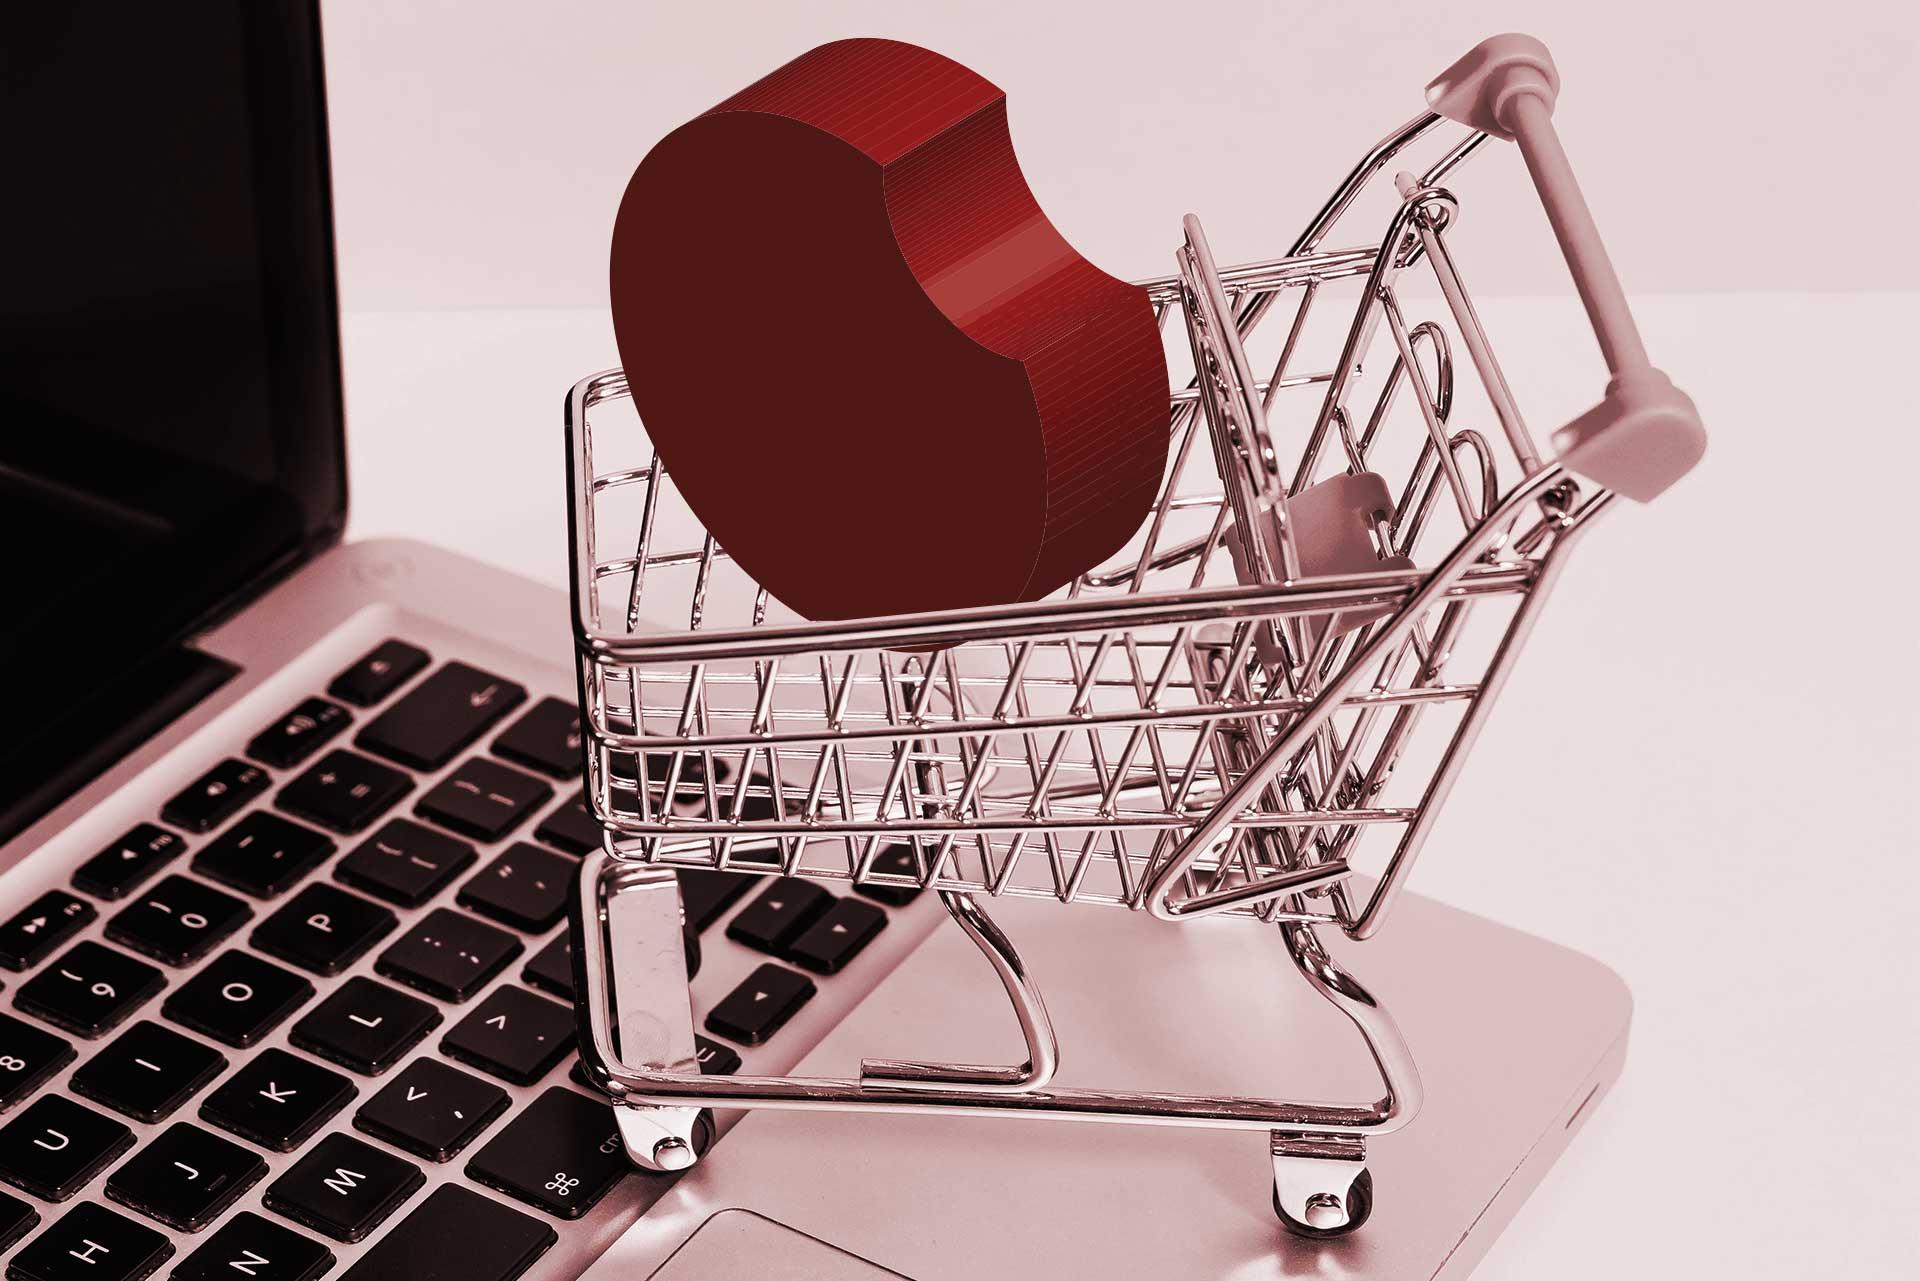 Onlineshops - die Rettung lokaler Unternehmen während dem Lockdown